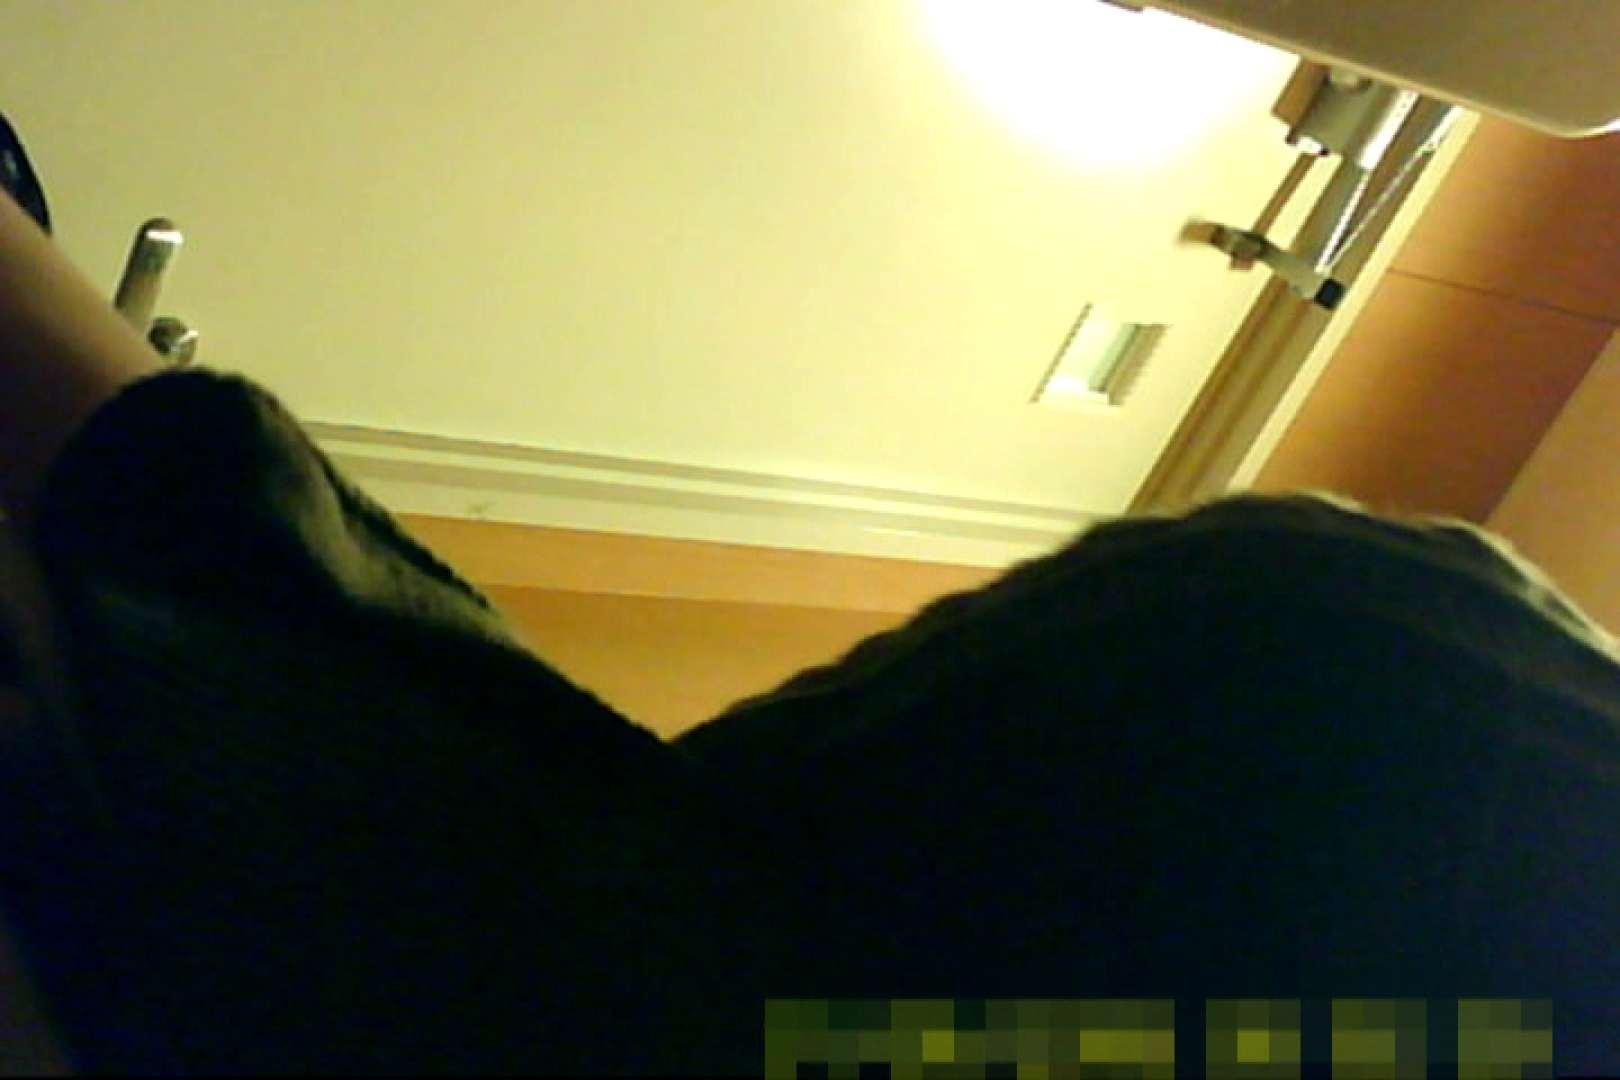 魅惑の化粧室~禁断のプライベート空間~21 お尻 AV無料動画キャプチャ 84pic 62